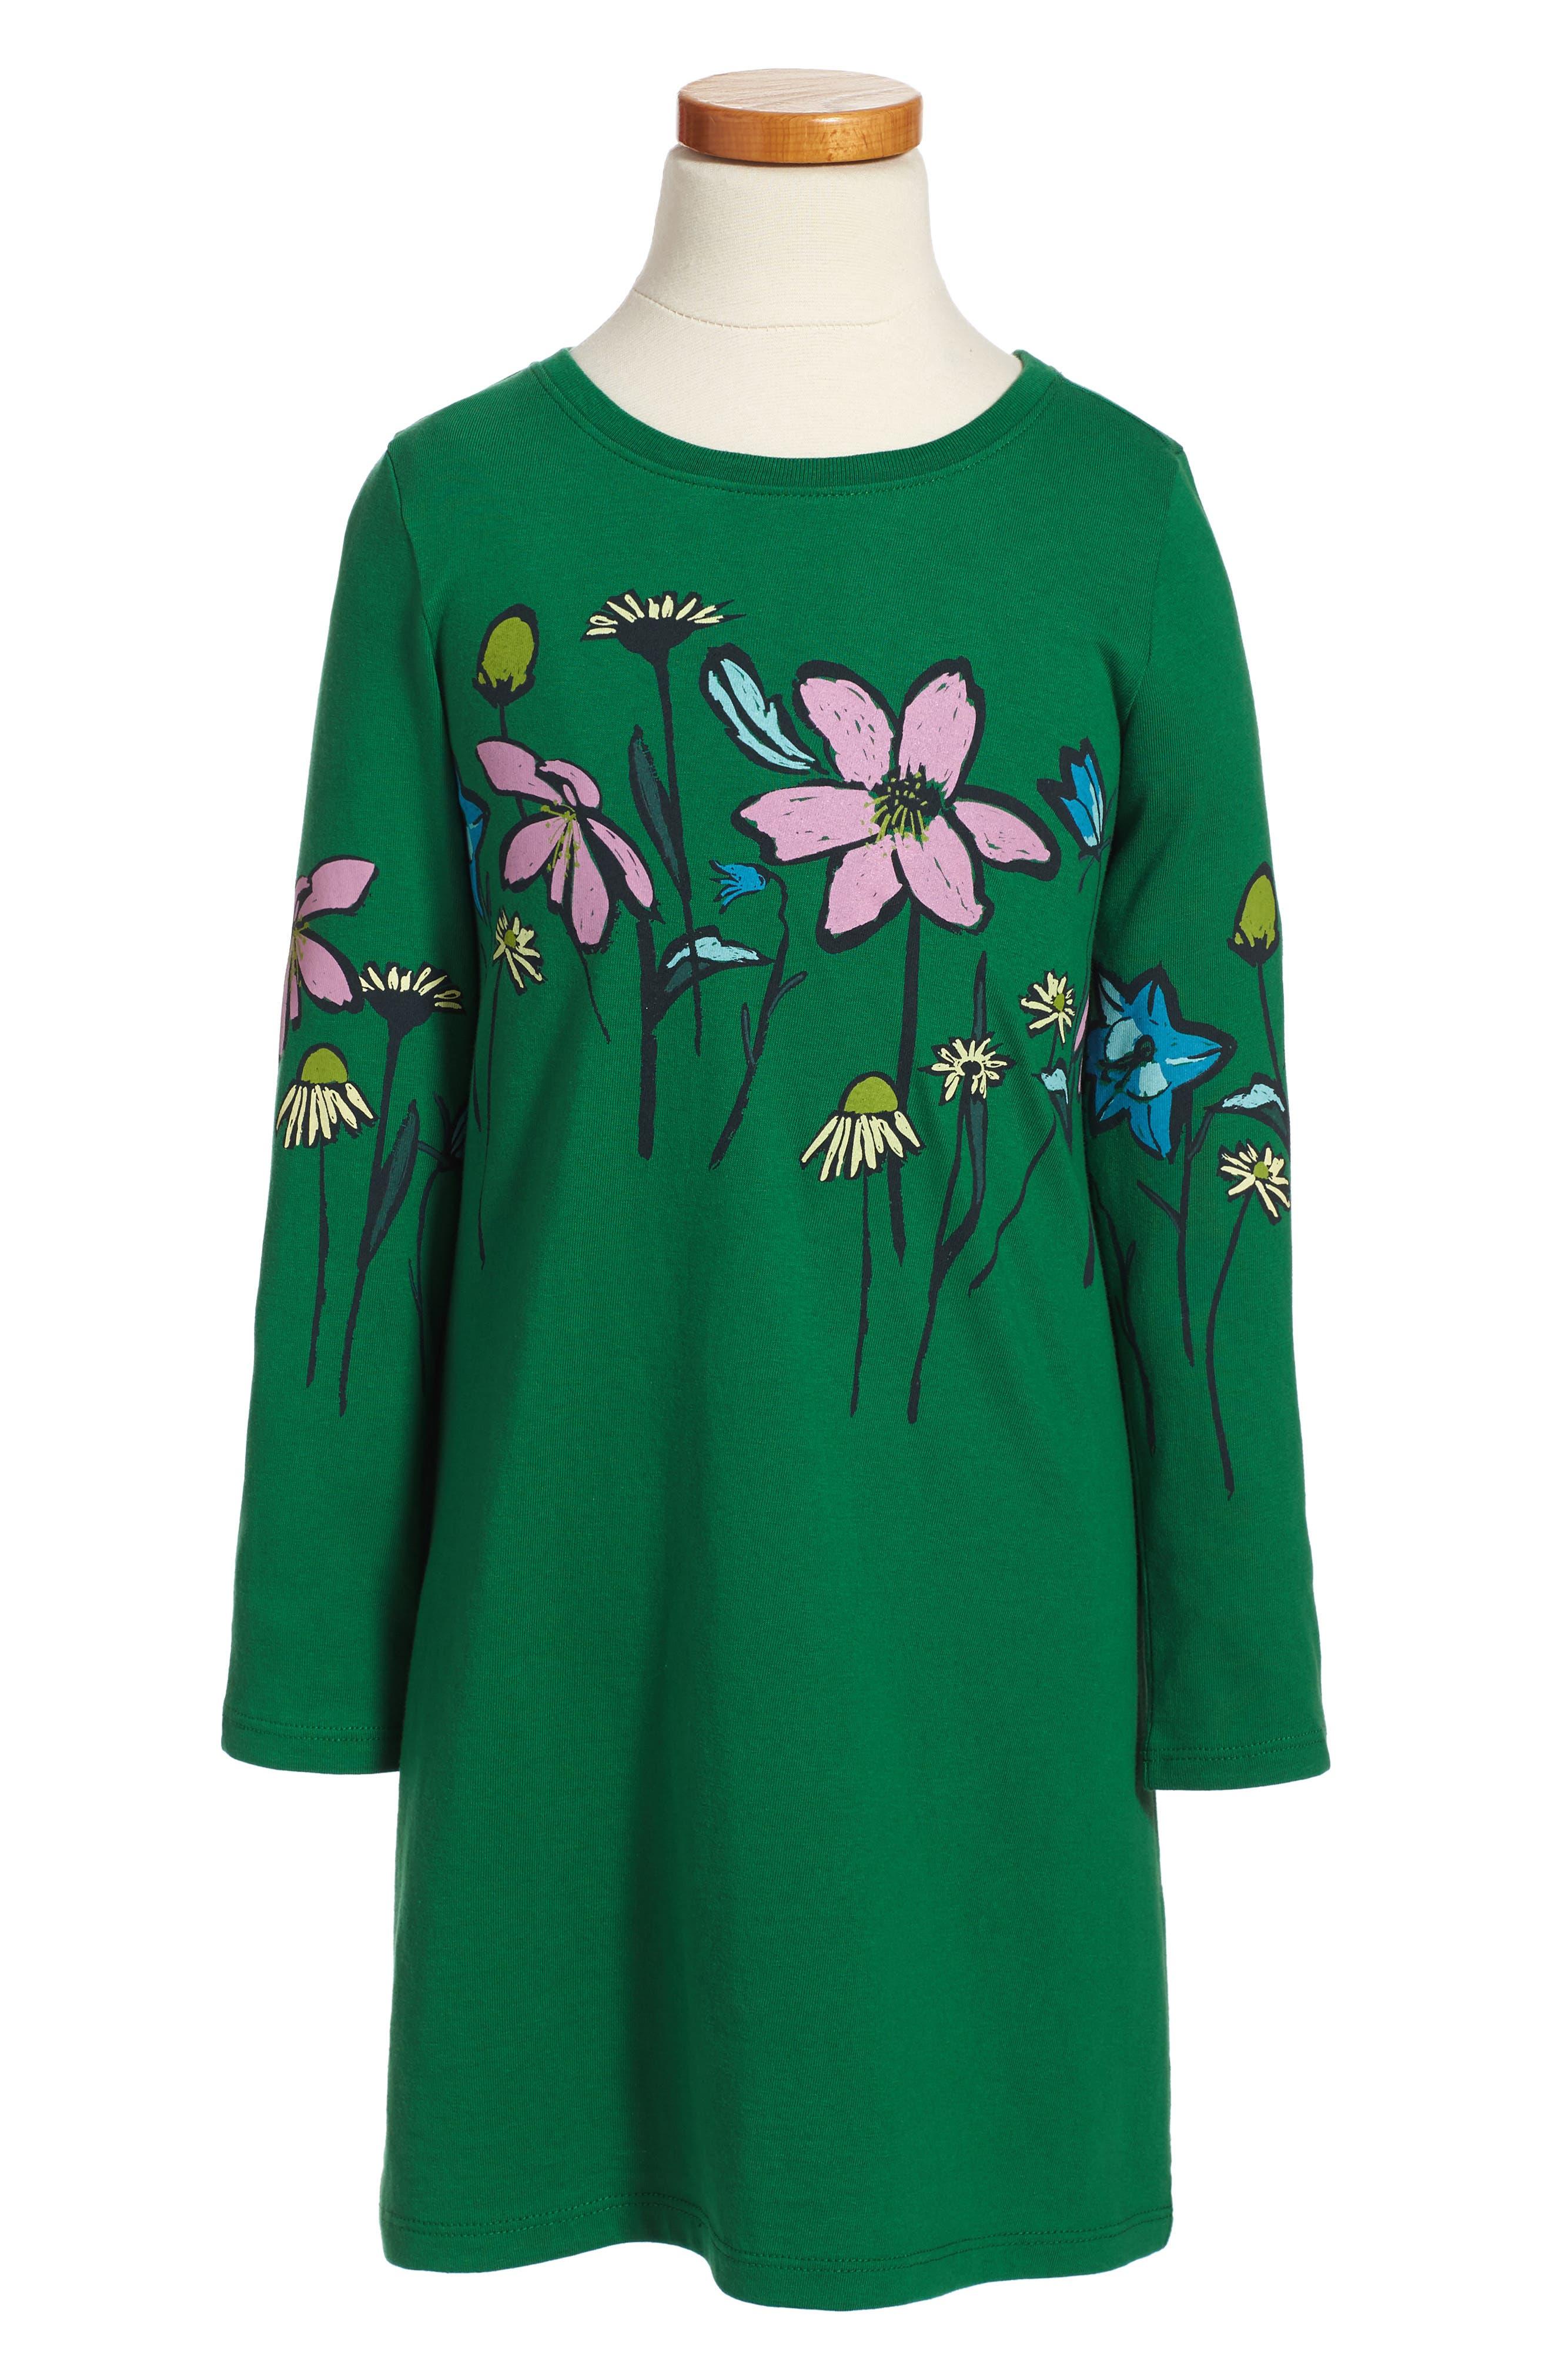 Alternate Image 1 Selected - Tea Collection Faileas Dress (Toddler Girls, Little Girls & Big Girls)